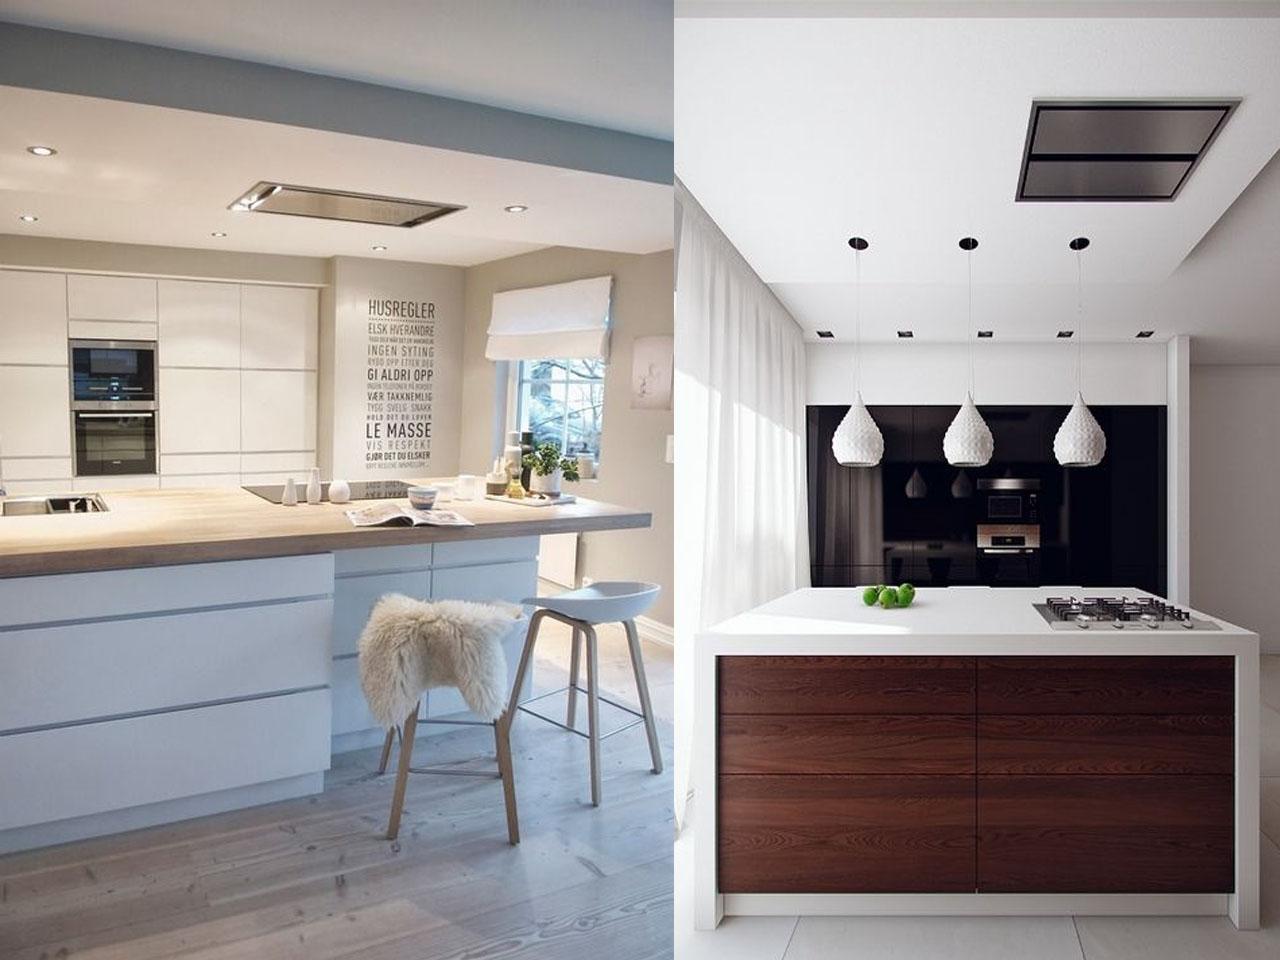 Tendencias en cocinas 2016 2017 el centro de tu hogar for Cocinas disenos 2016